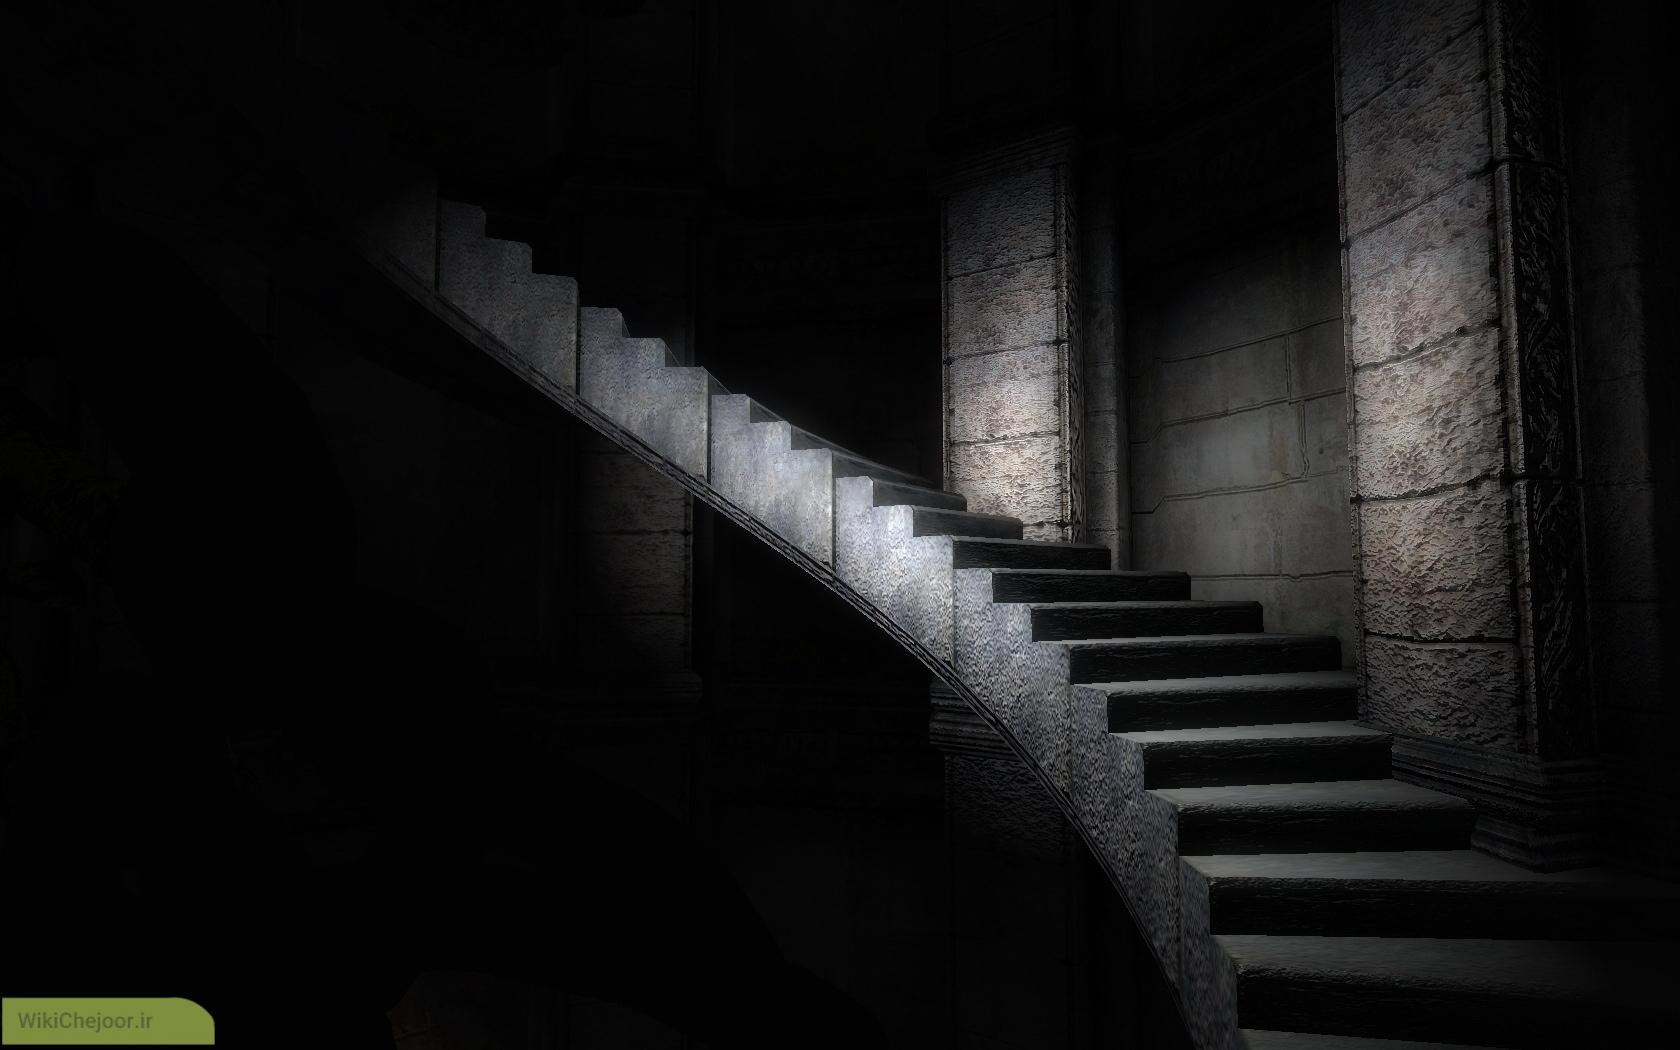 چگونه مشکل خاموشی ناگهانی تایمر راه پله رو حل کنیم؟